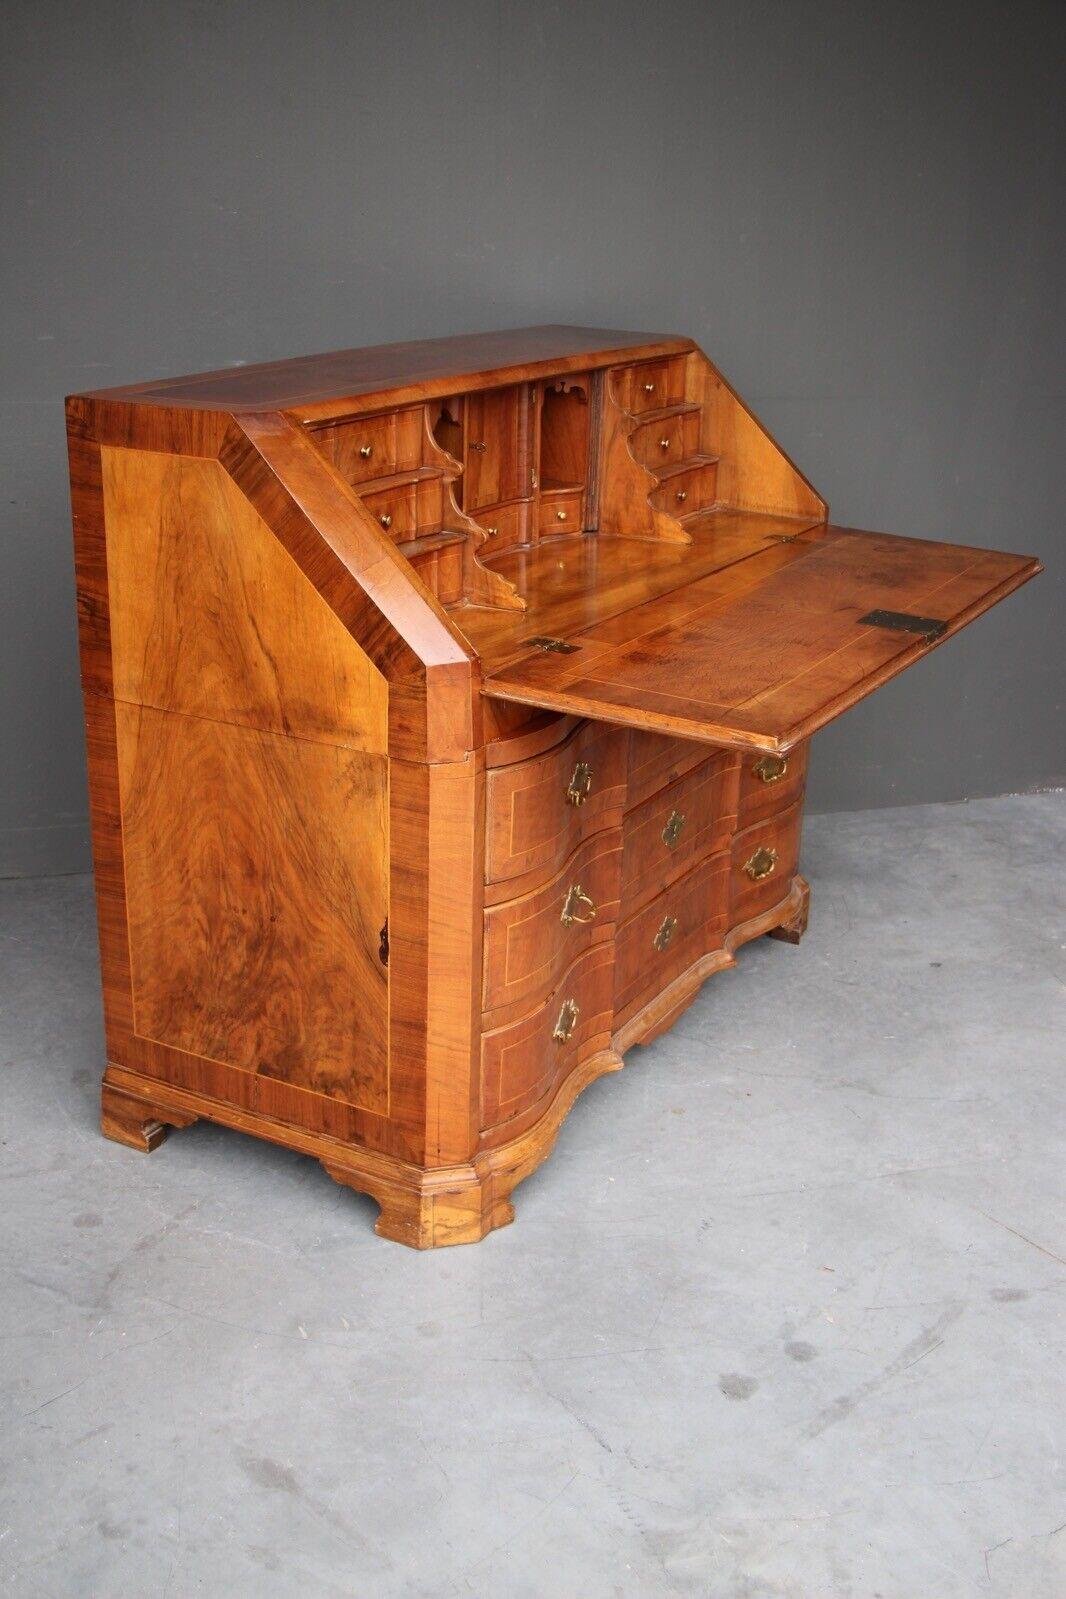 Rare antique 18th century European baroque walnut inlaid secretaire bureau desk 5